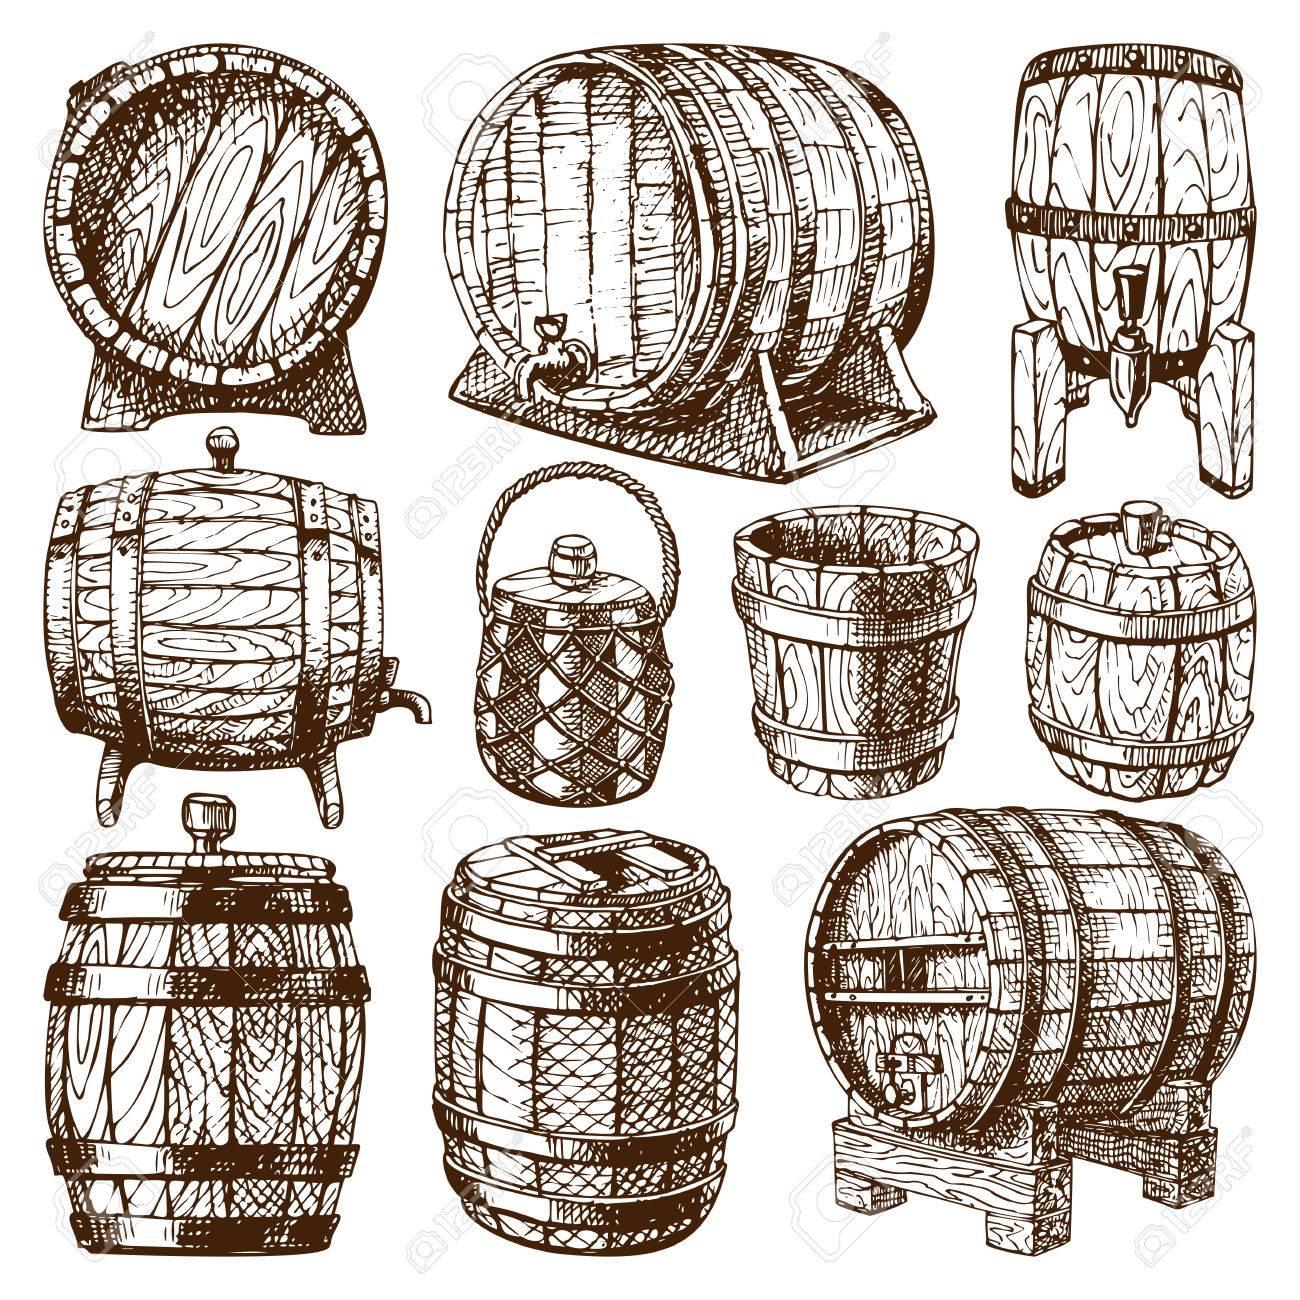 1300x1300 Wooden Barrel Vintage Old Style Wooden Barrels Oak Storage